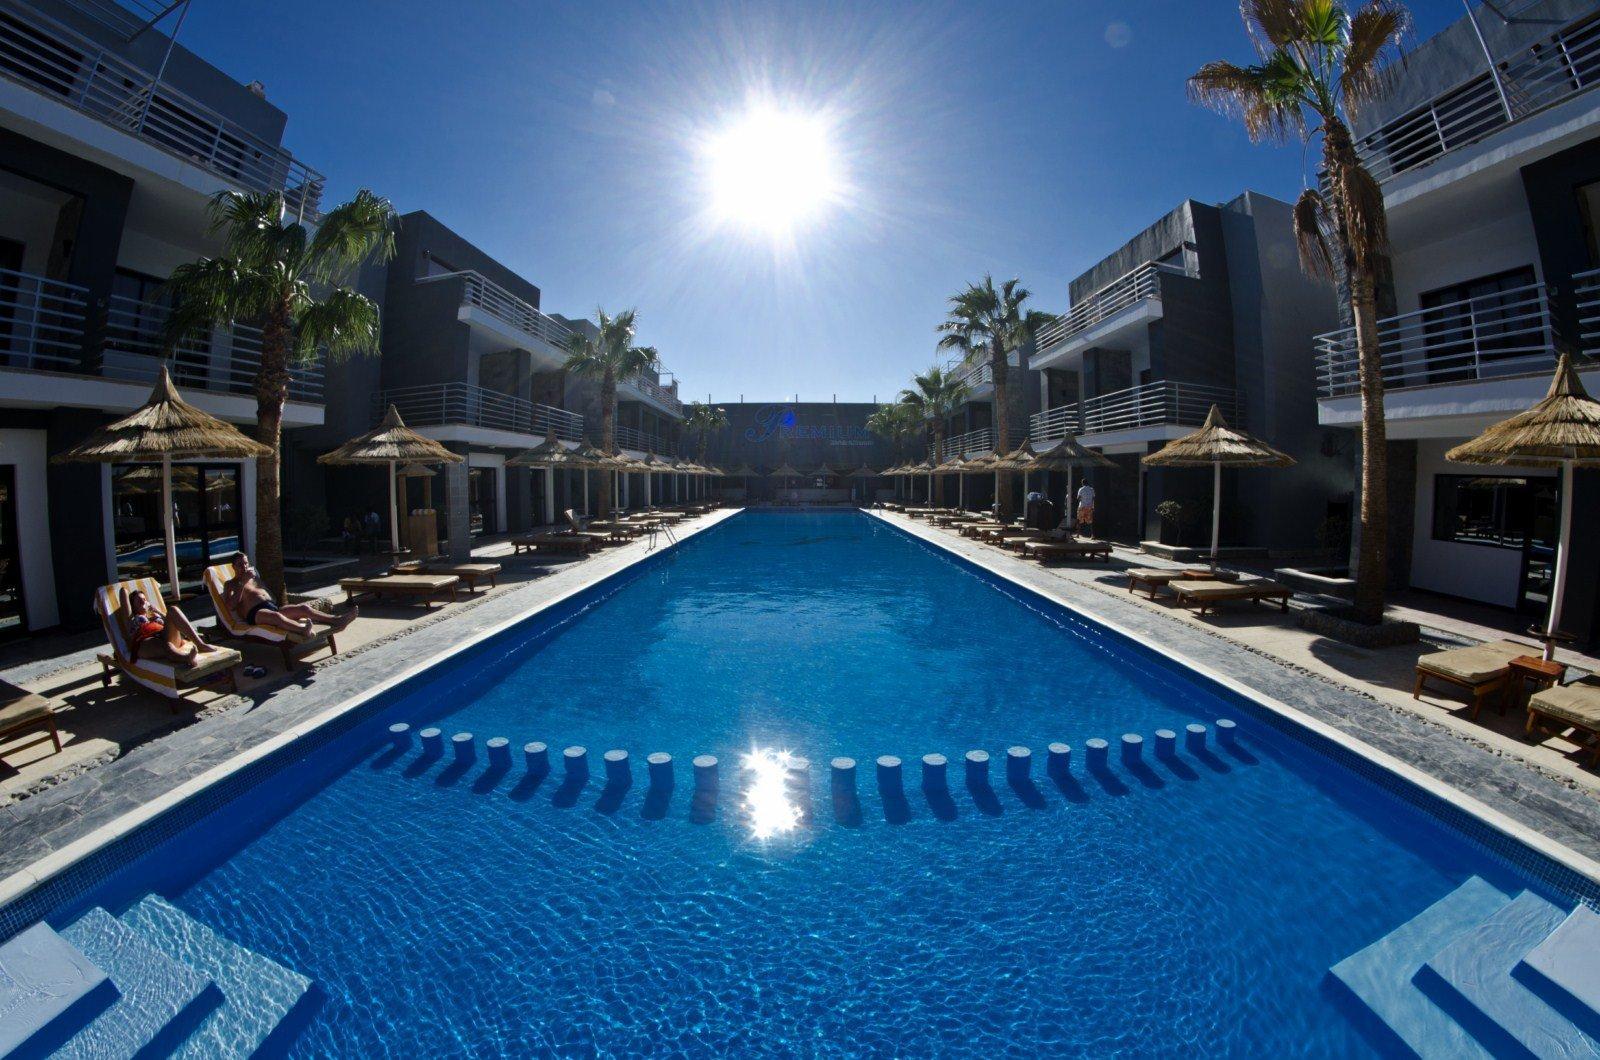 Premium Seagull Hotel Resort